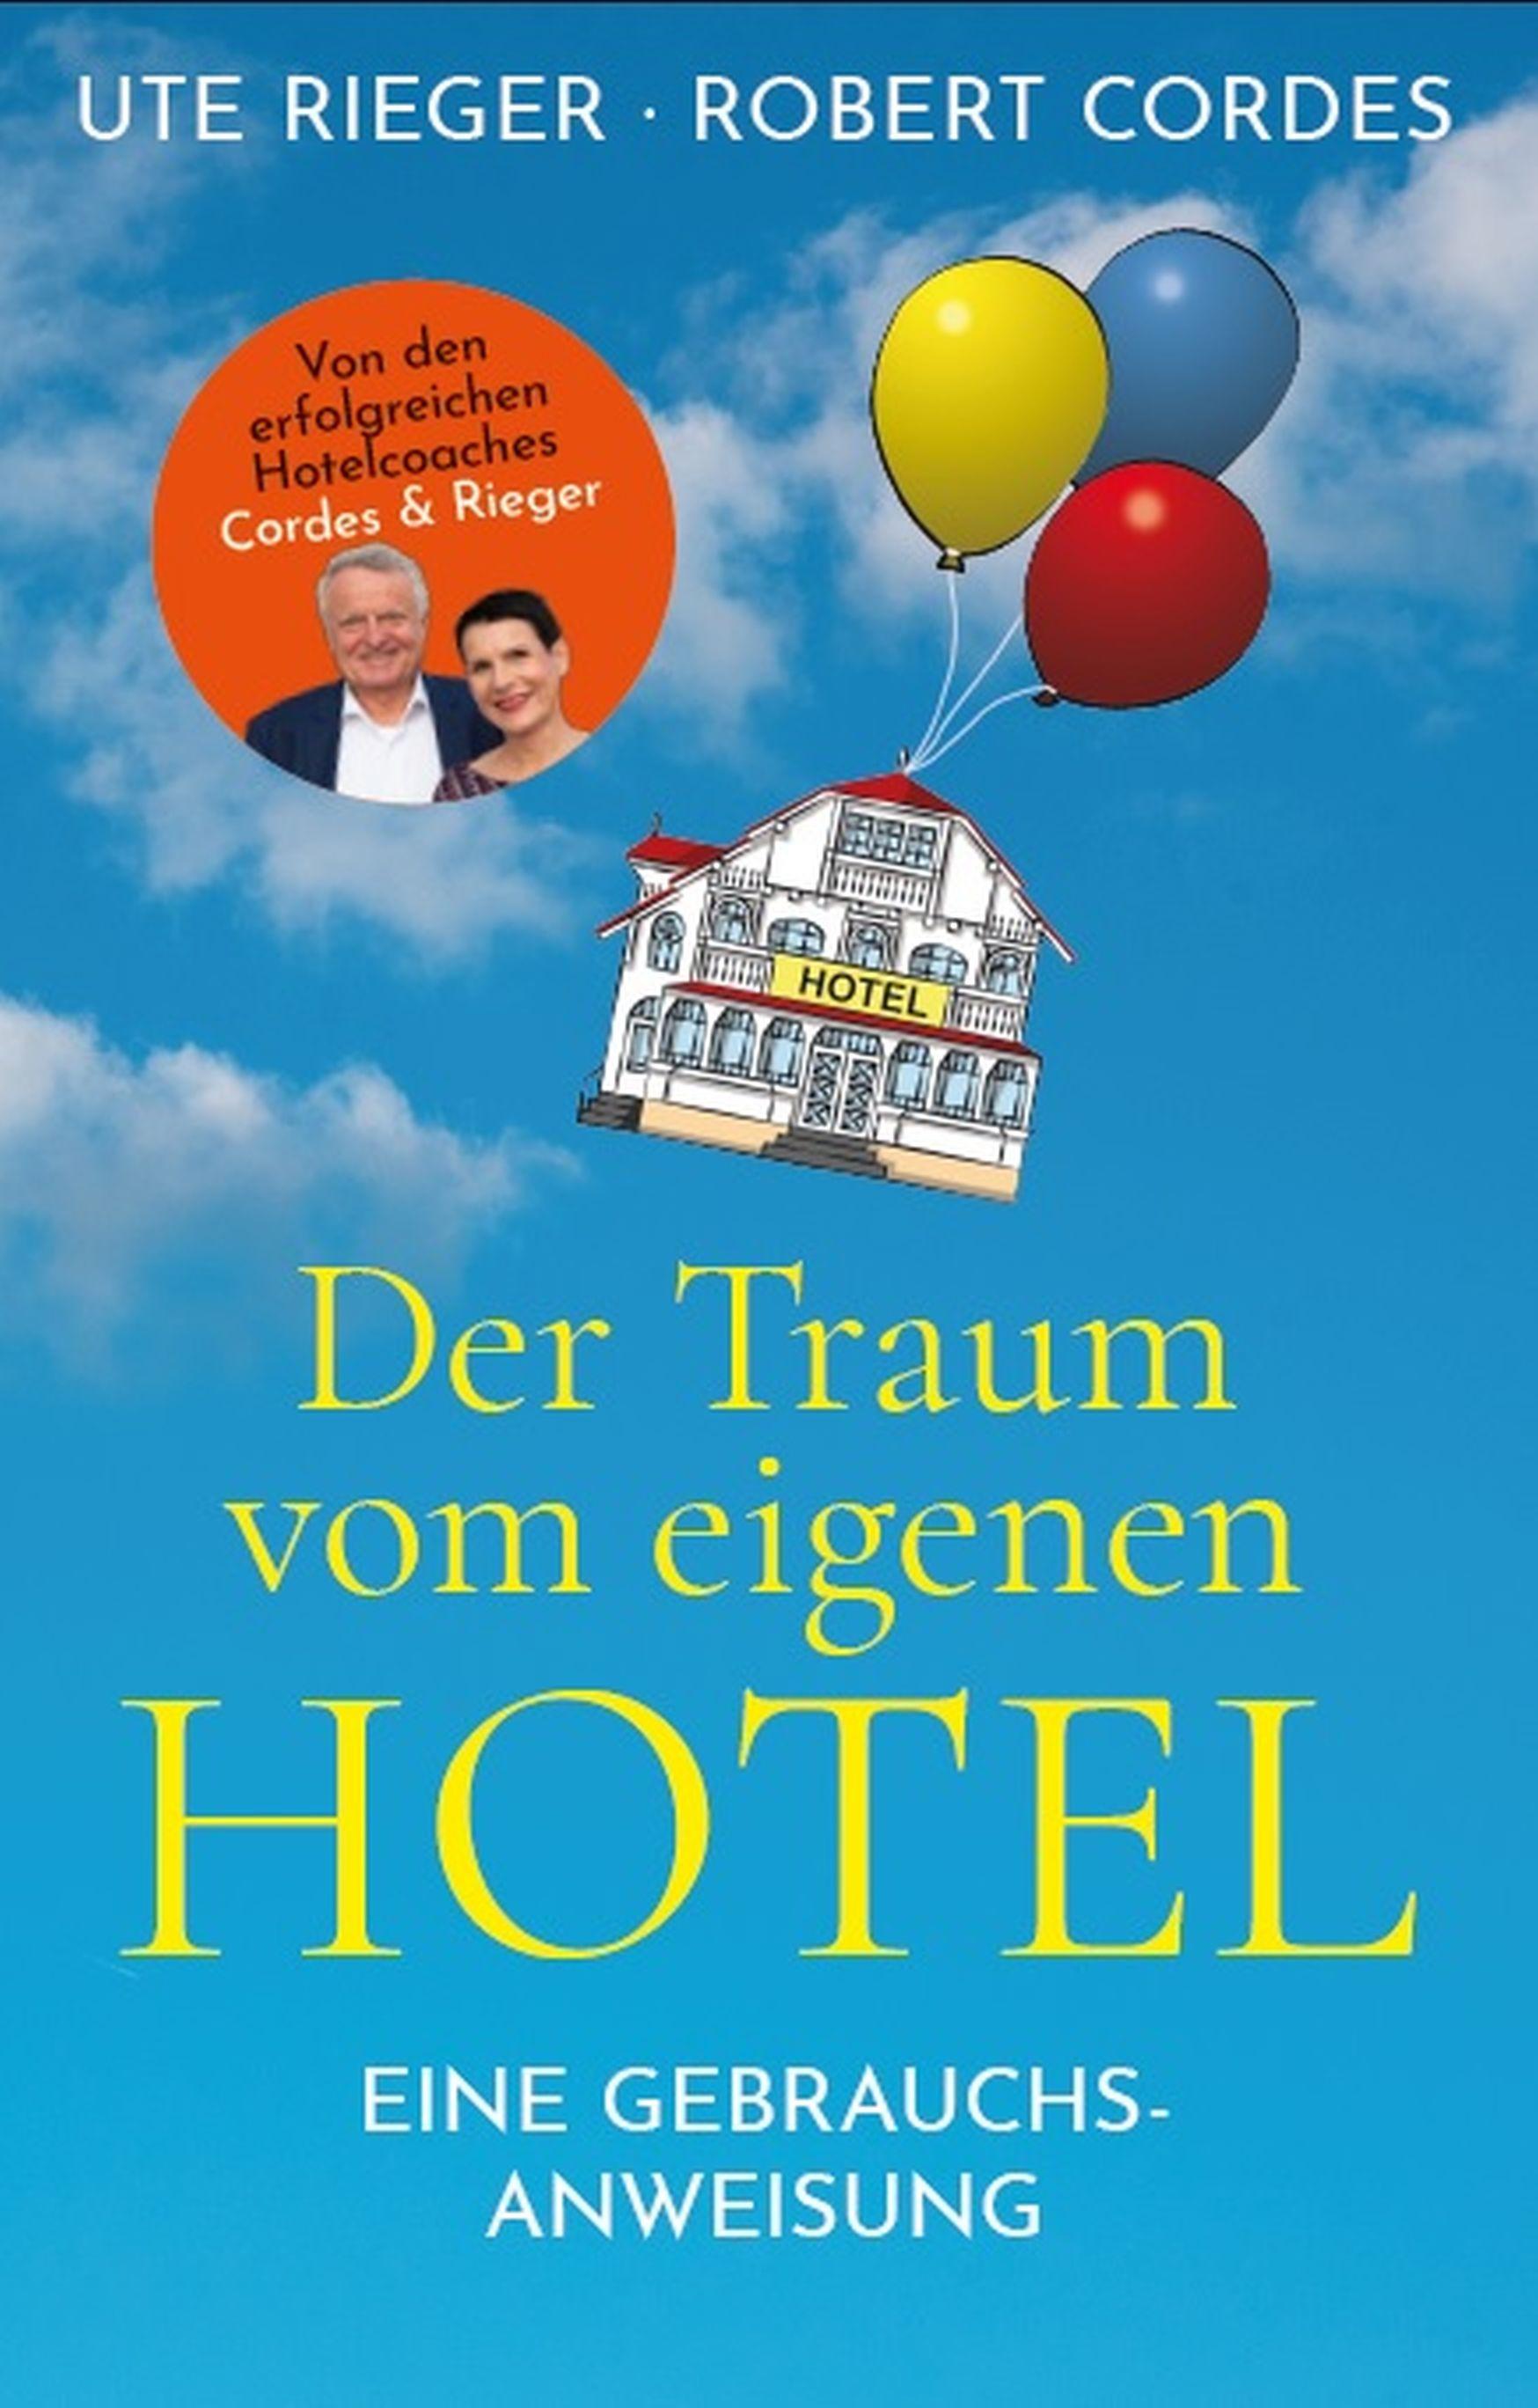 Cordes und Rieger der Traum vom eigenen Hotel